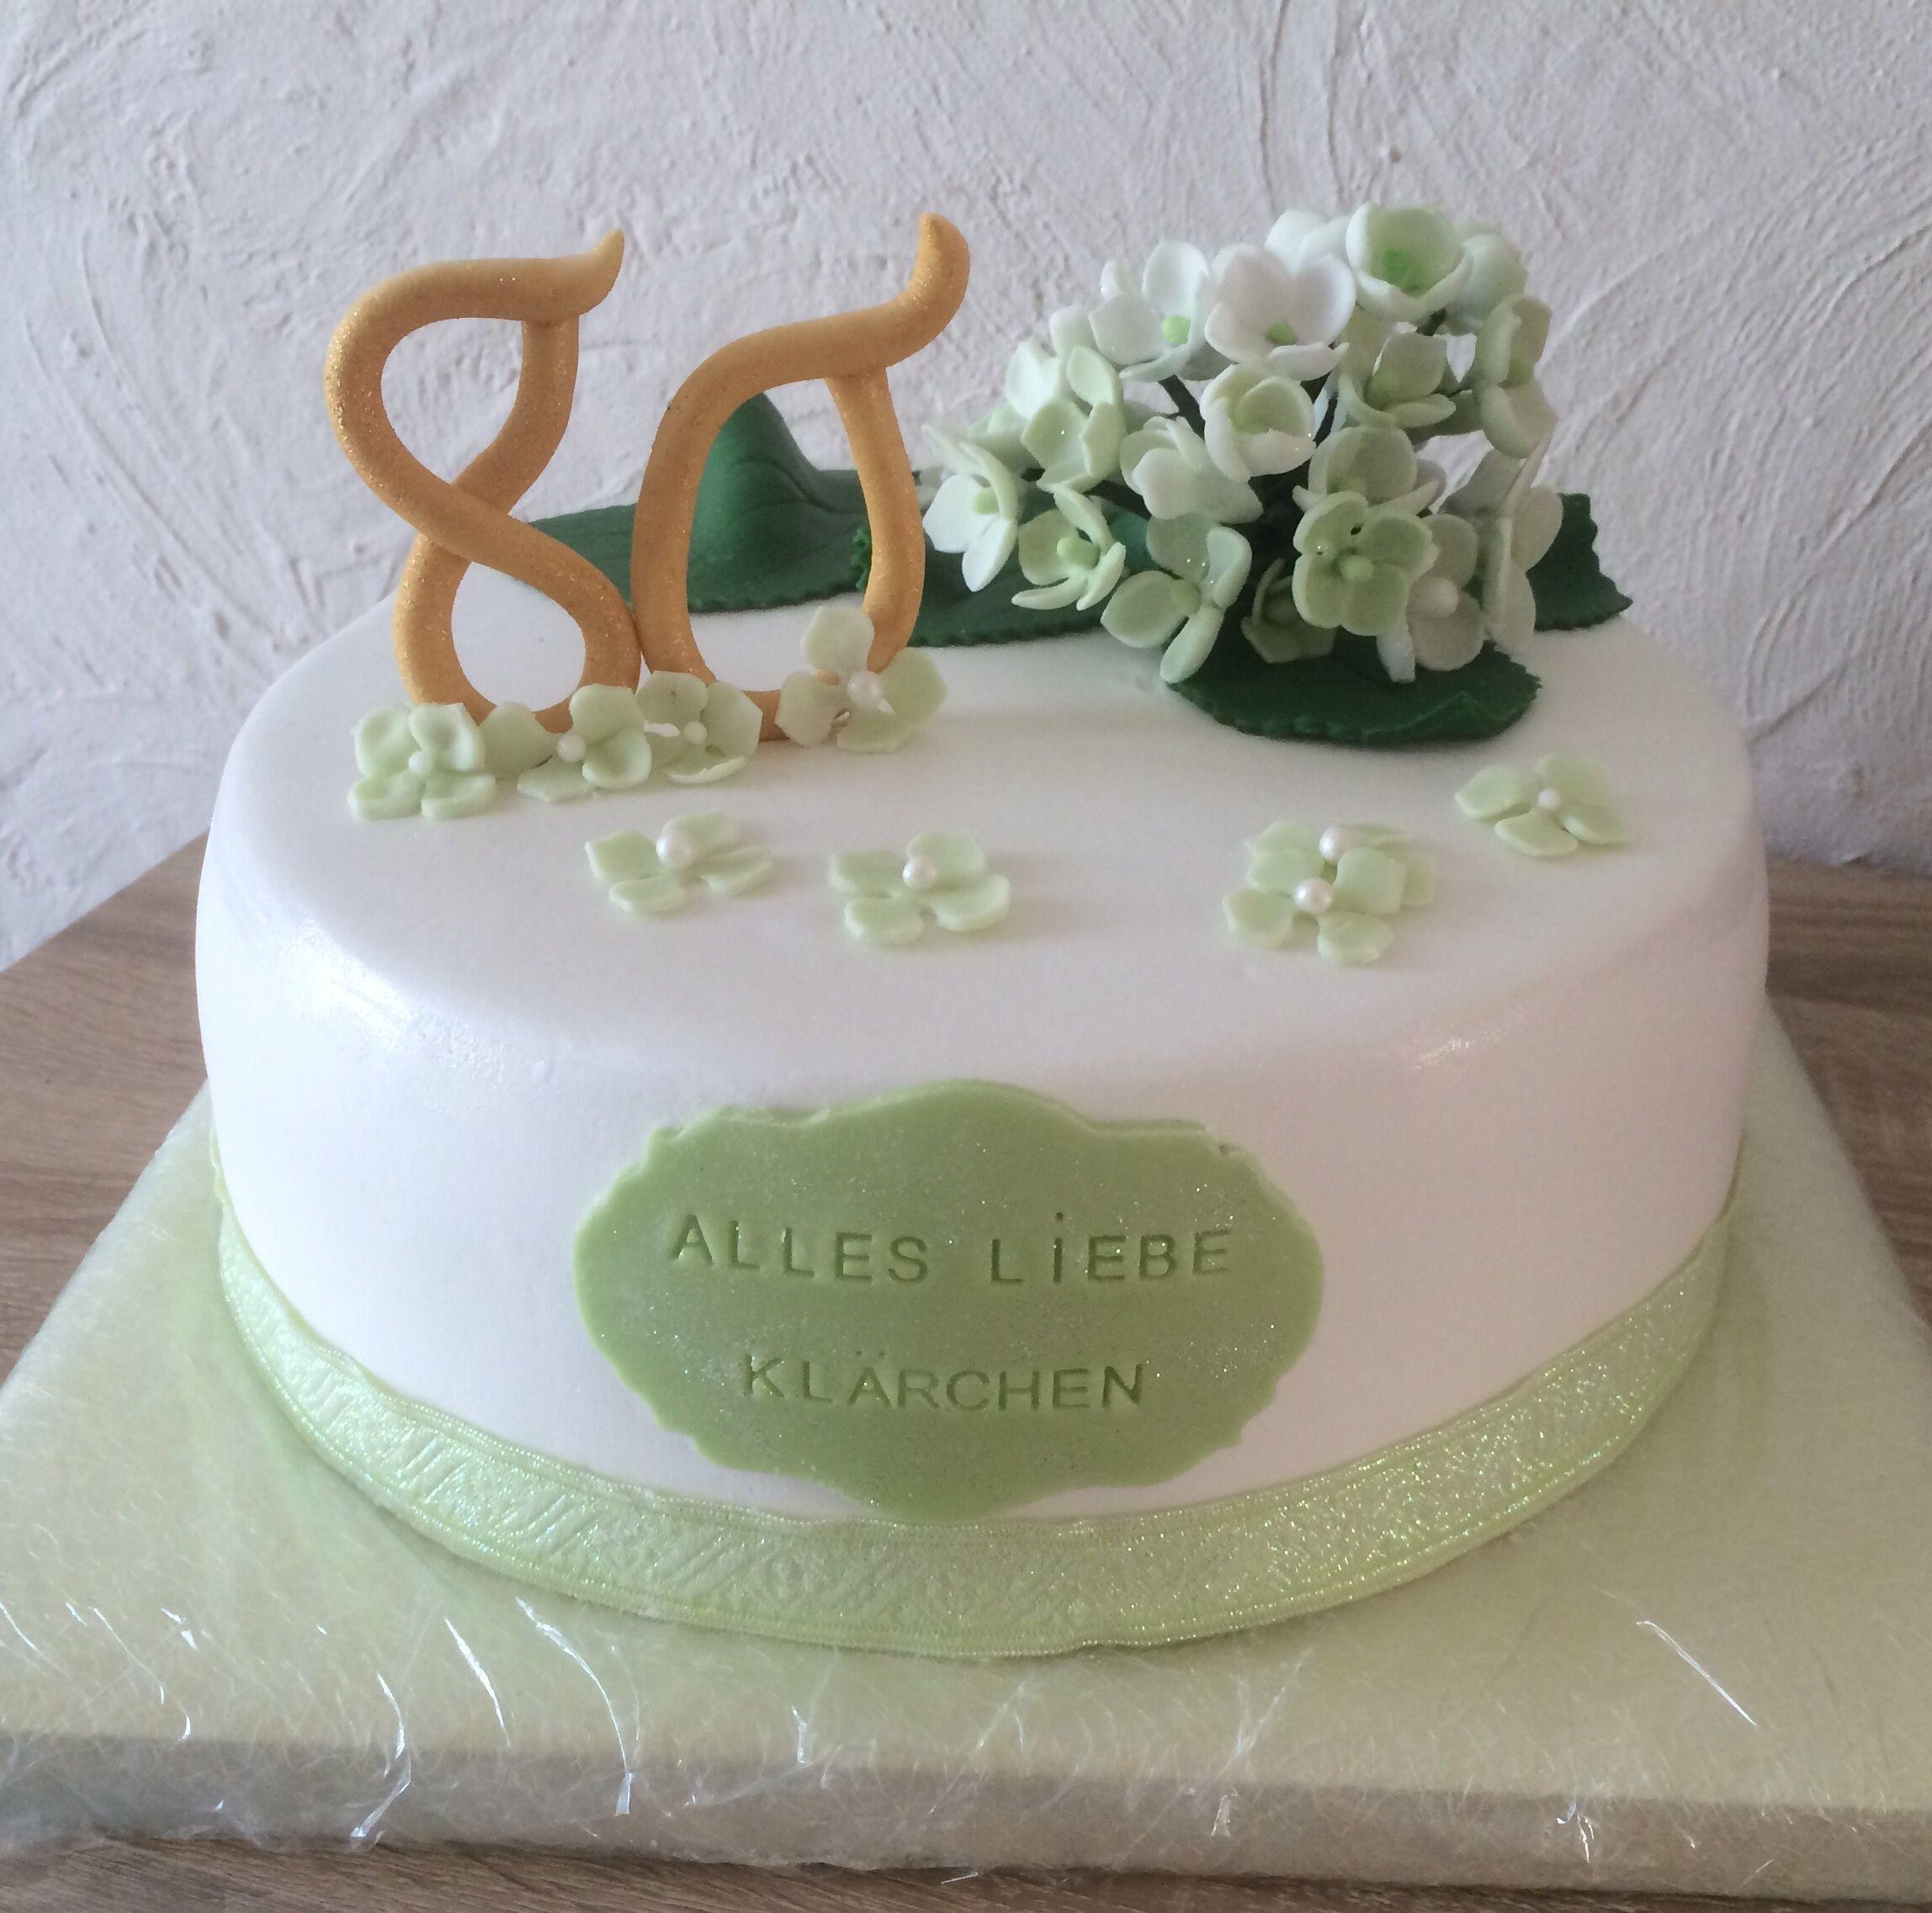 Torte Zum 60 Geburtstag Selber Backen Torte 60 Geburtstag